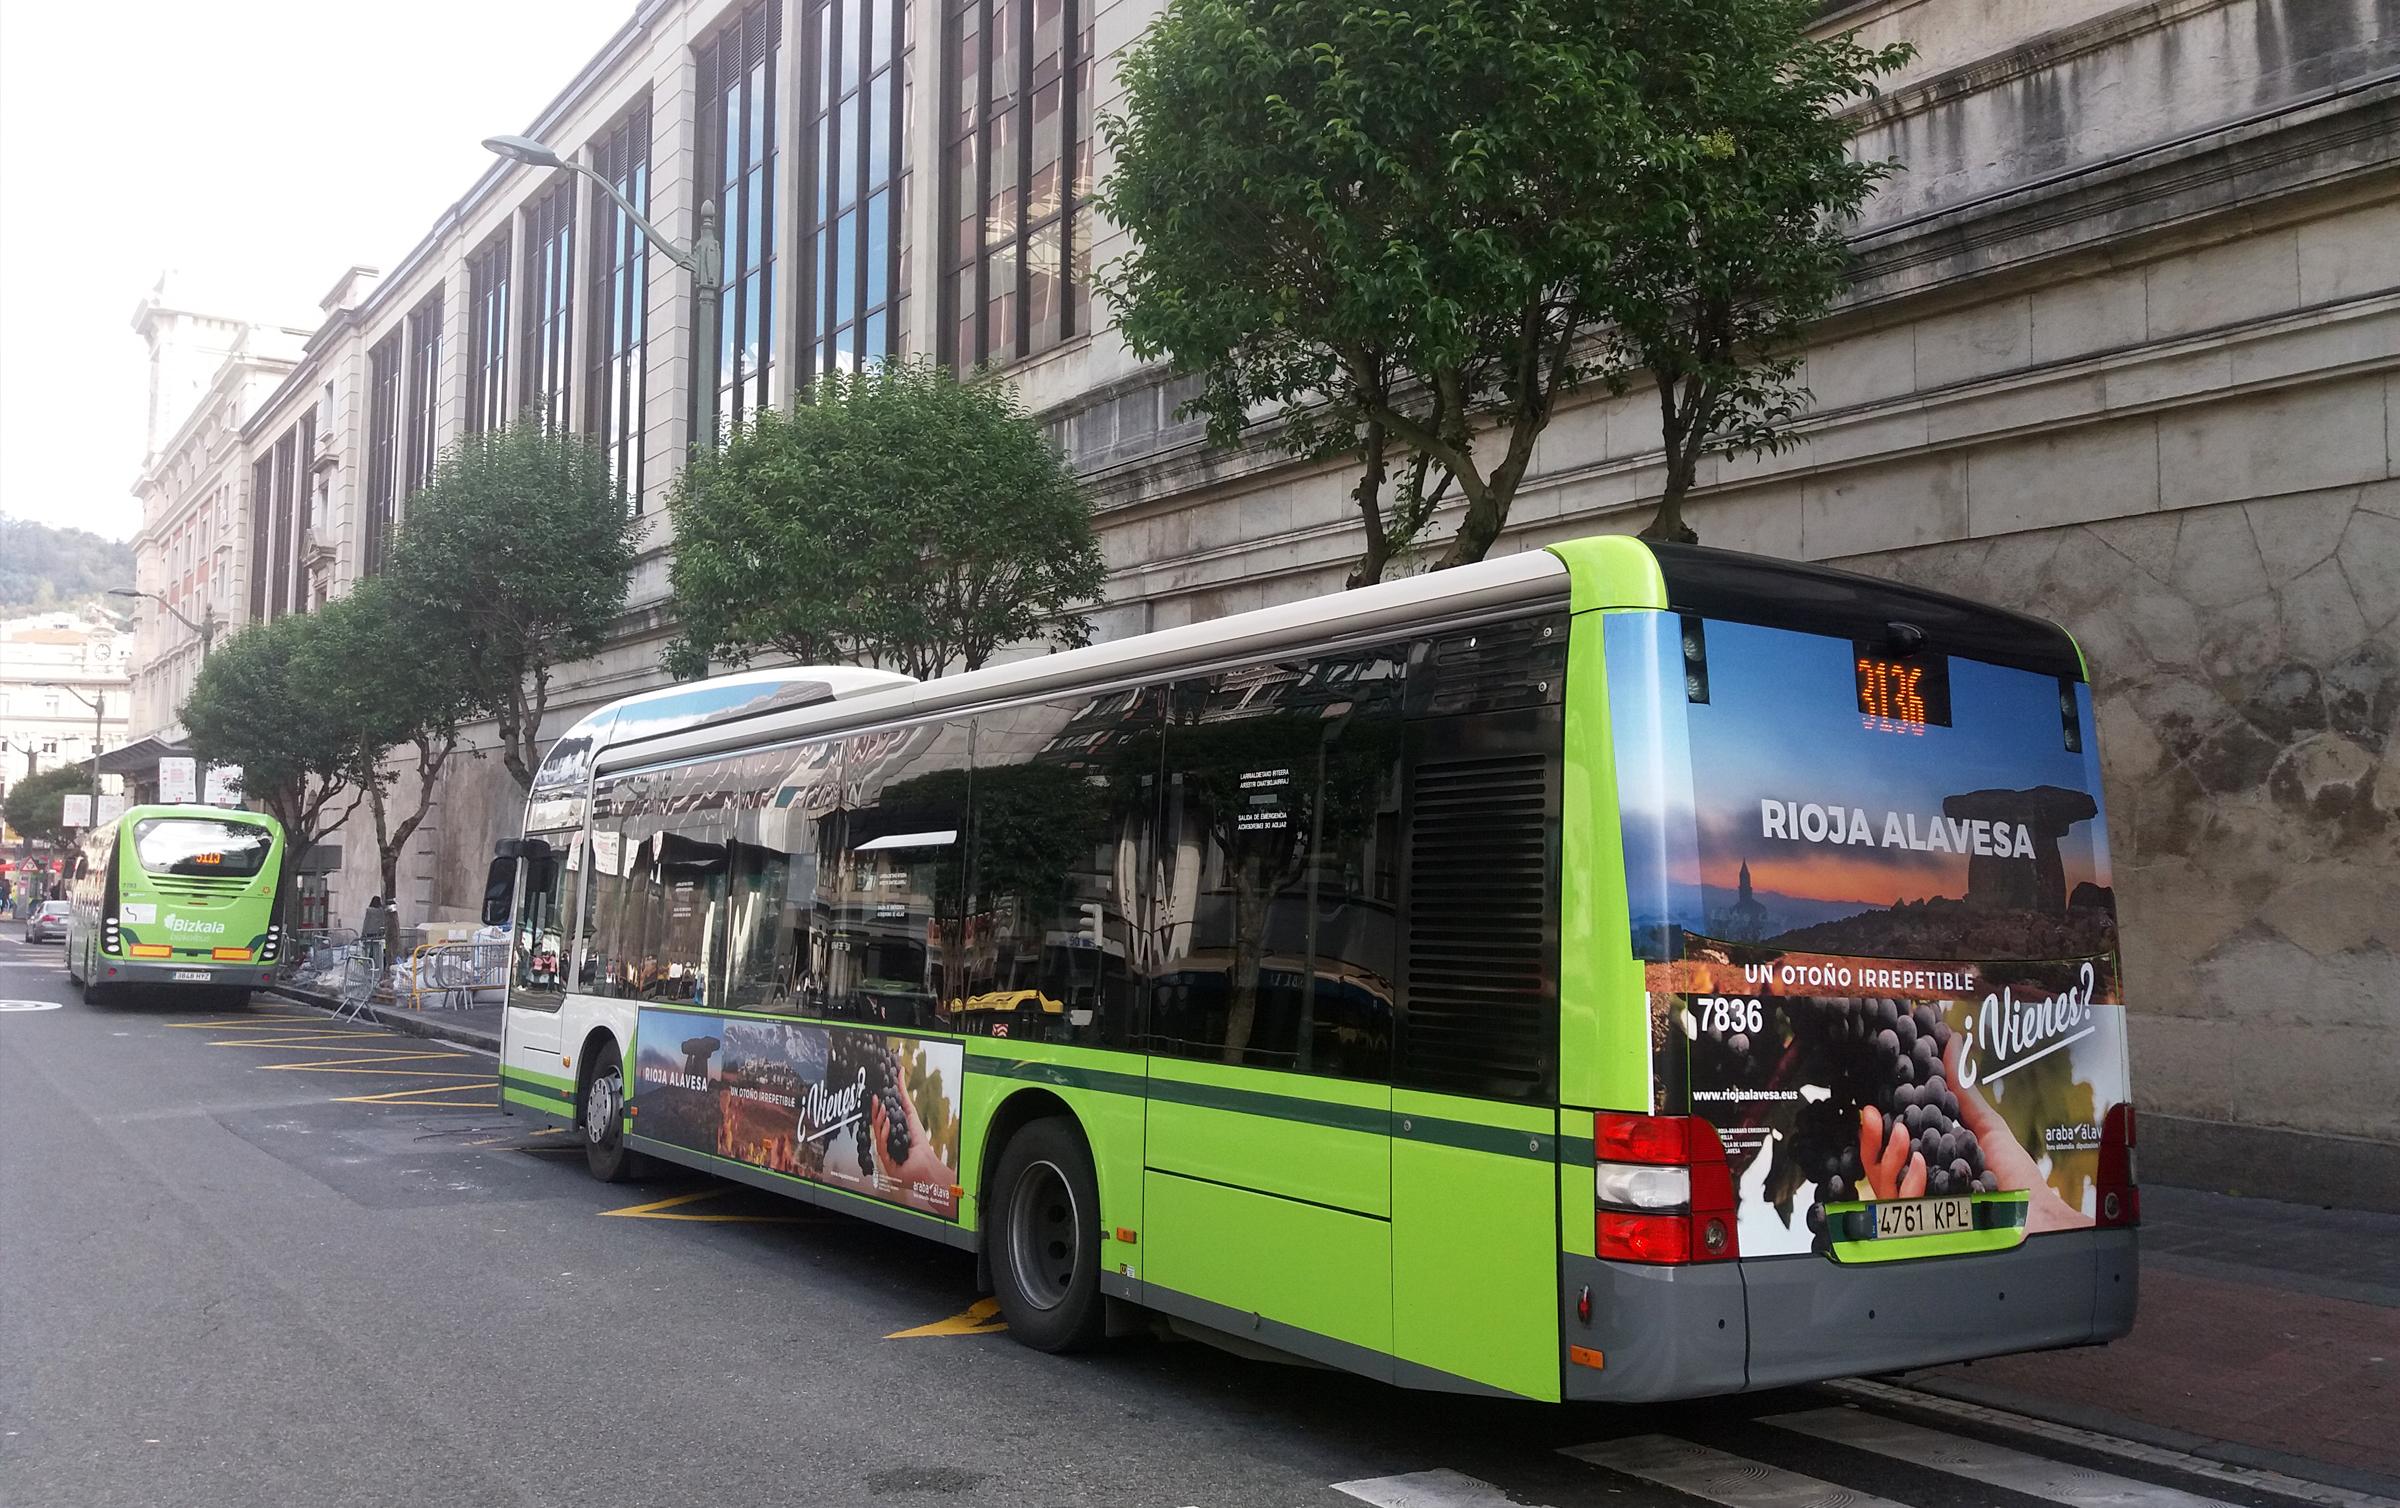 Cuadrilla de Rioja Alavesa – Campaña de promoción turística – Bilbobus